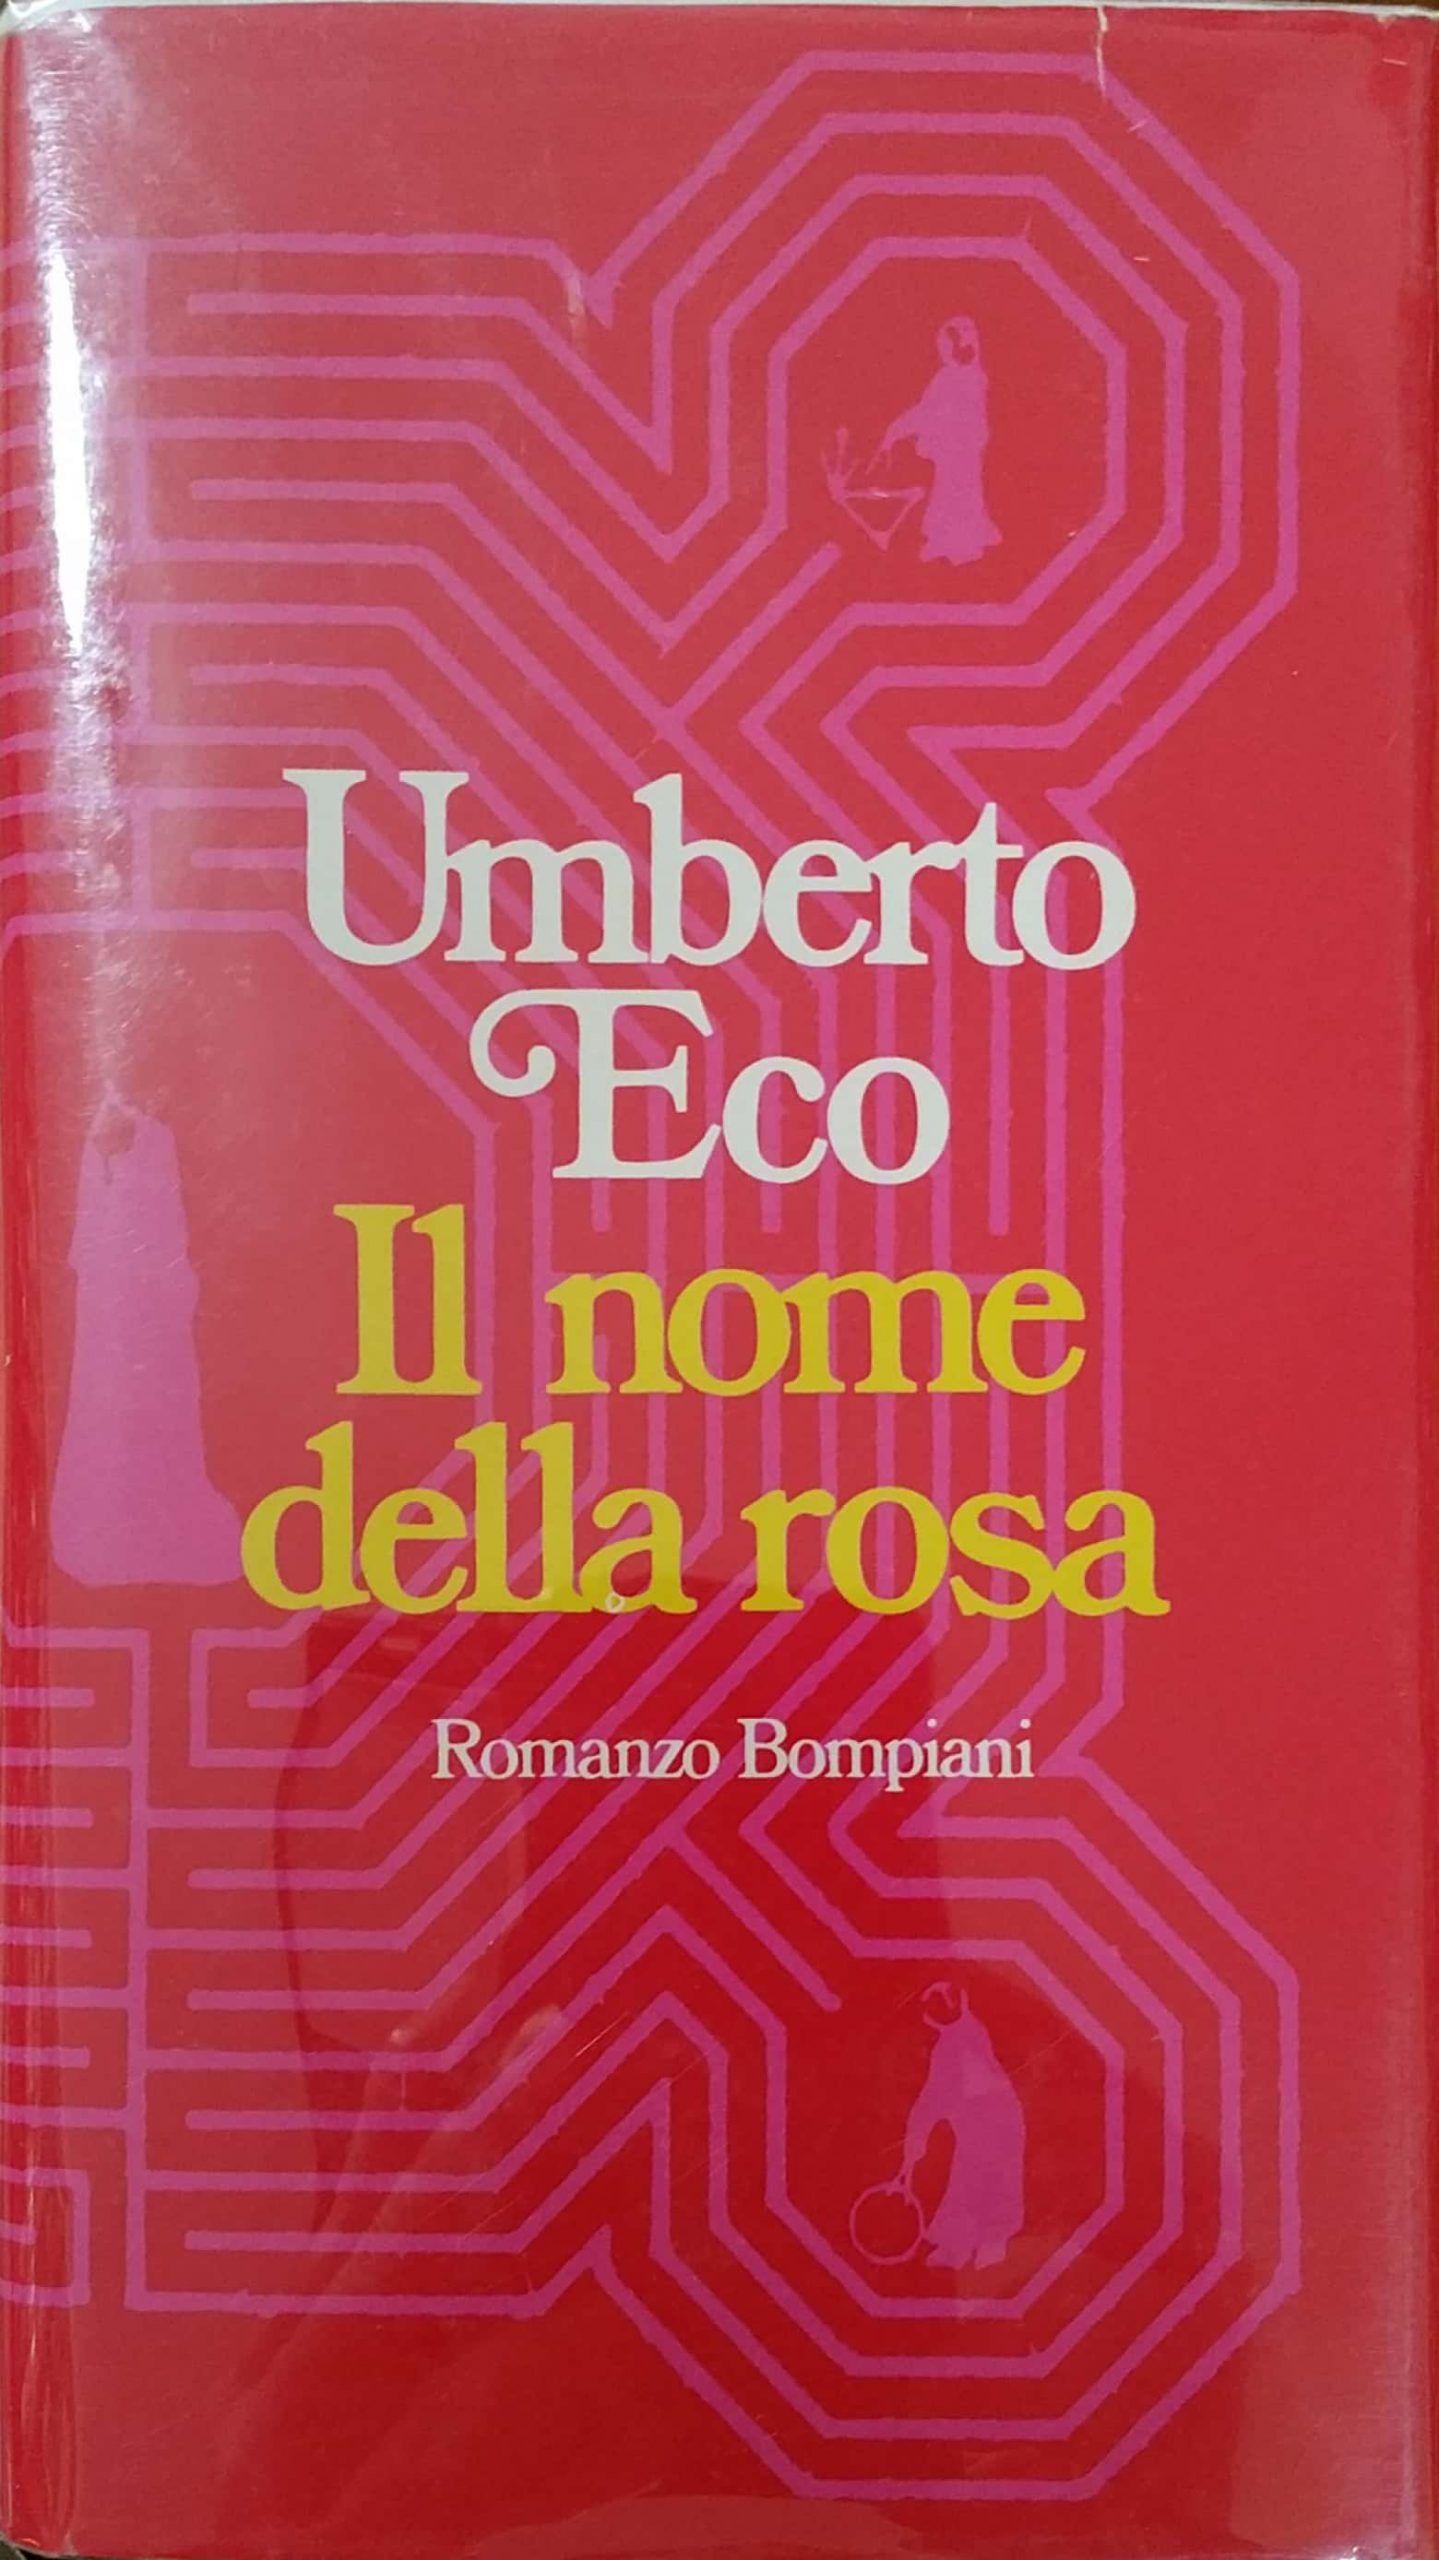 """…su eBay c'è """"Il nome della rosa"""" di Umberto Eco autografato a 4.500 €"""